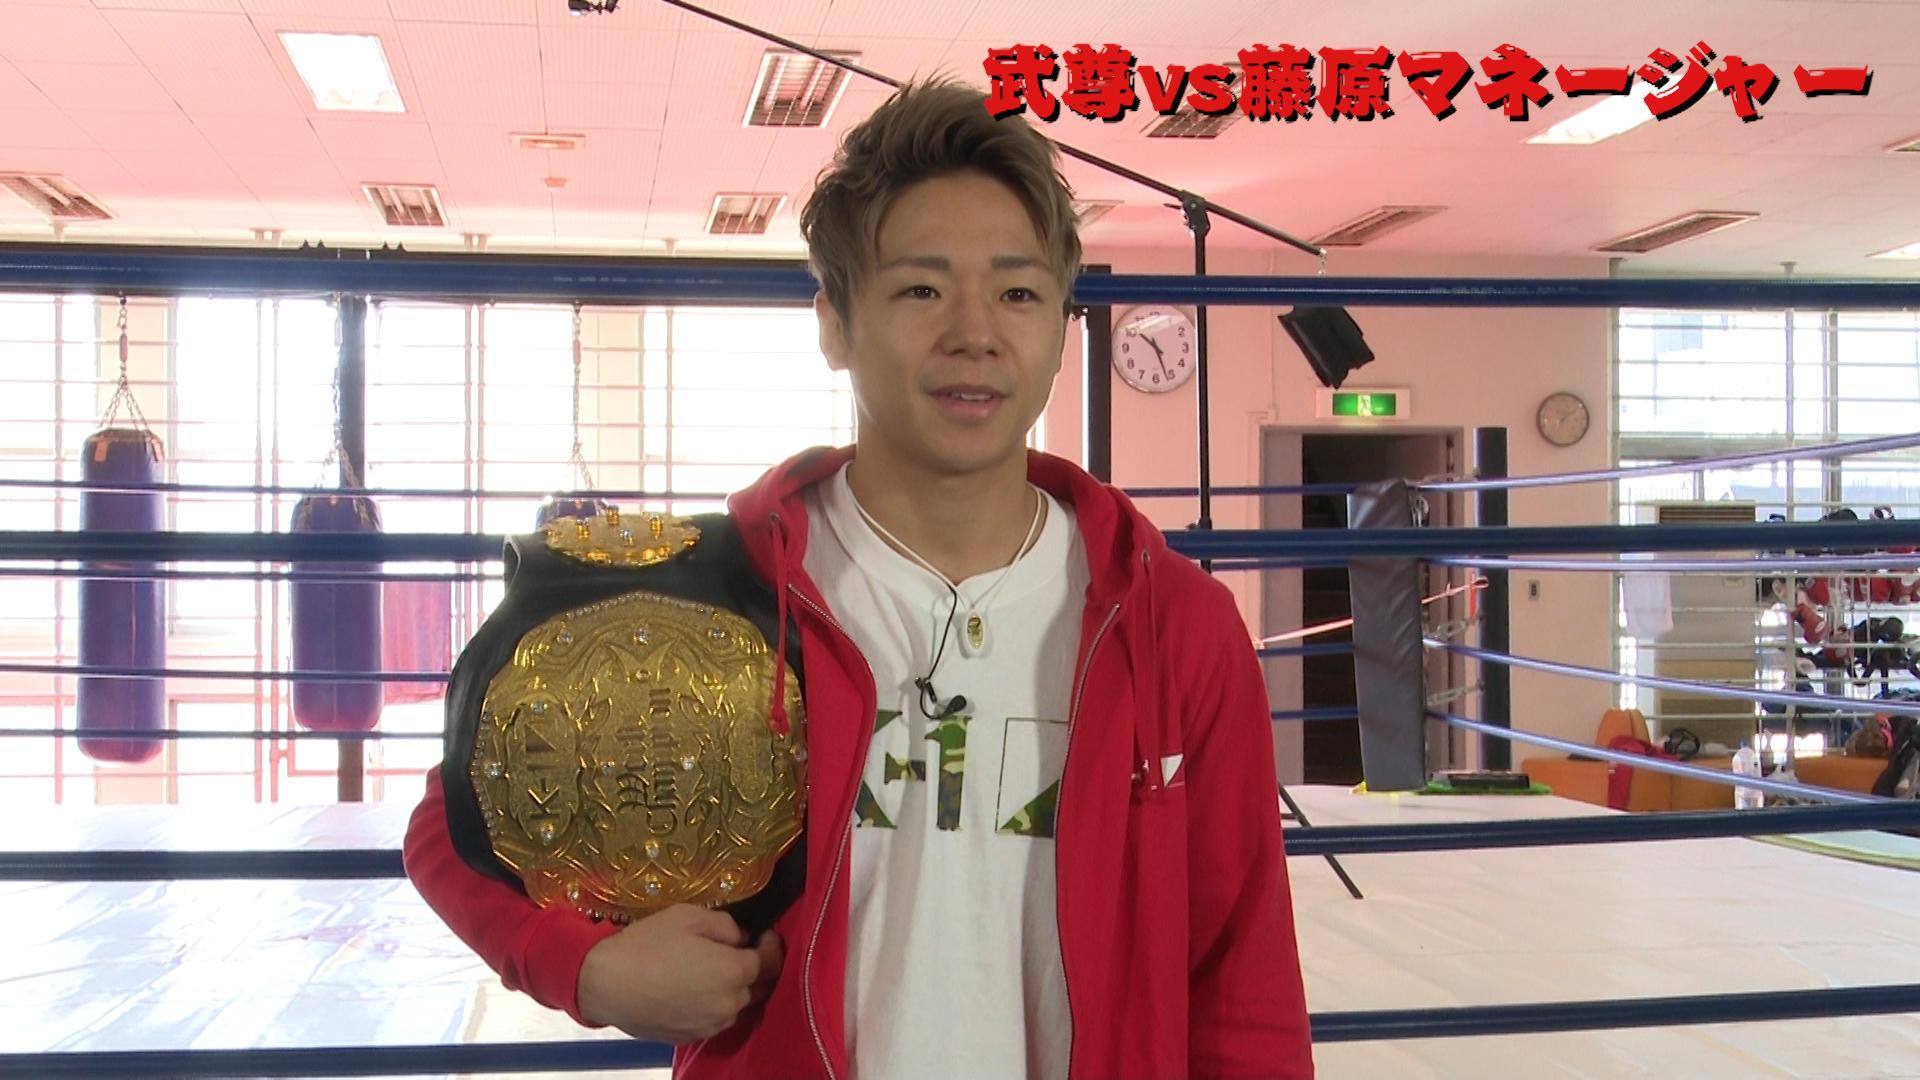 http://news.yoshimoto.co.jp/20180104135737-40b3b7f16bfb633223d06c9d2bb9176c848f1d59.jpg